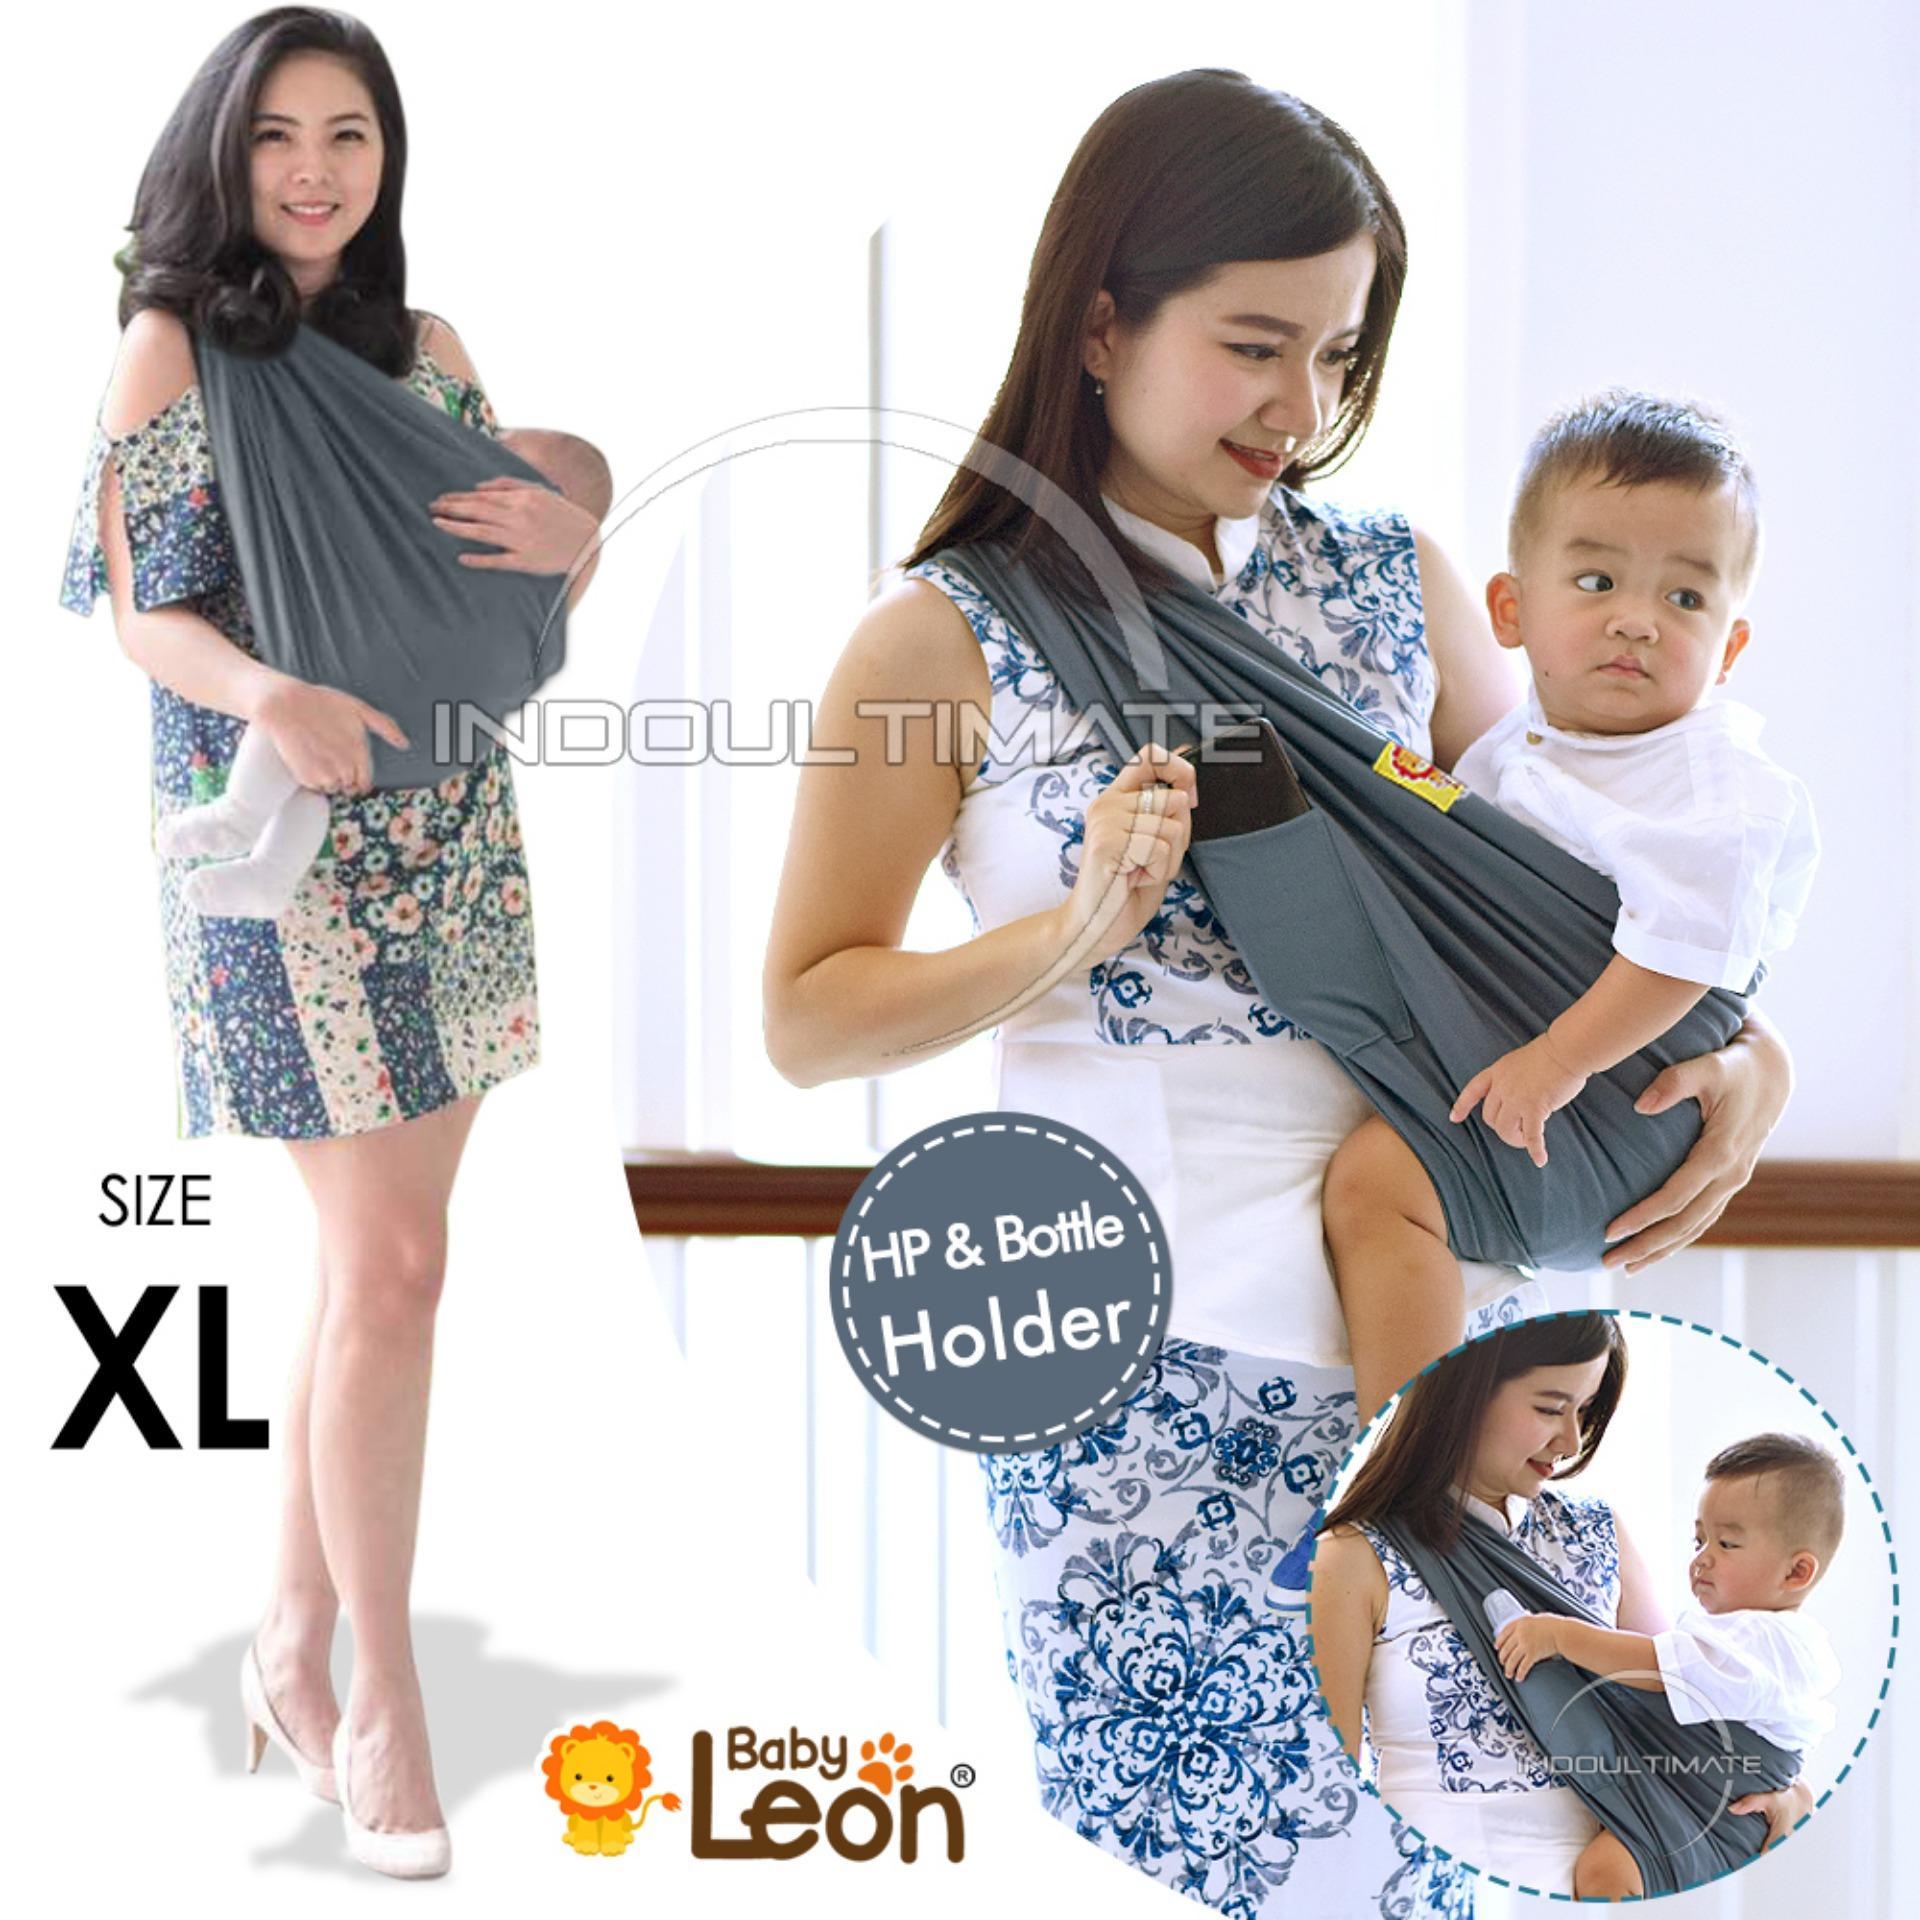 Baby Leon Gendongan Bayi Kaos/geos/selendang Bayi Praktis By 44 Gb Polos Ukuran Xl By Indo Ultimate.